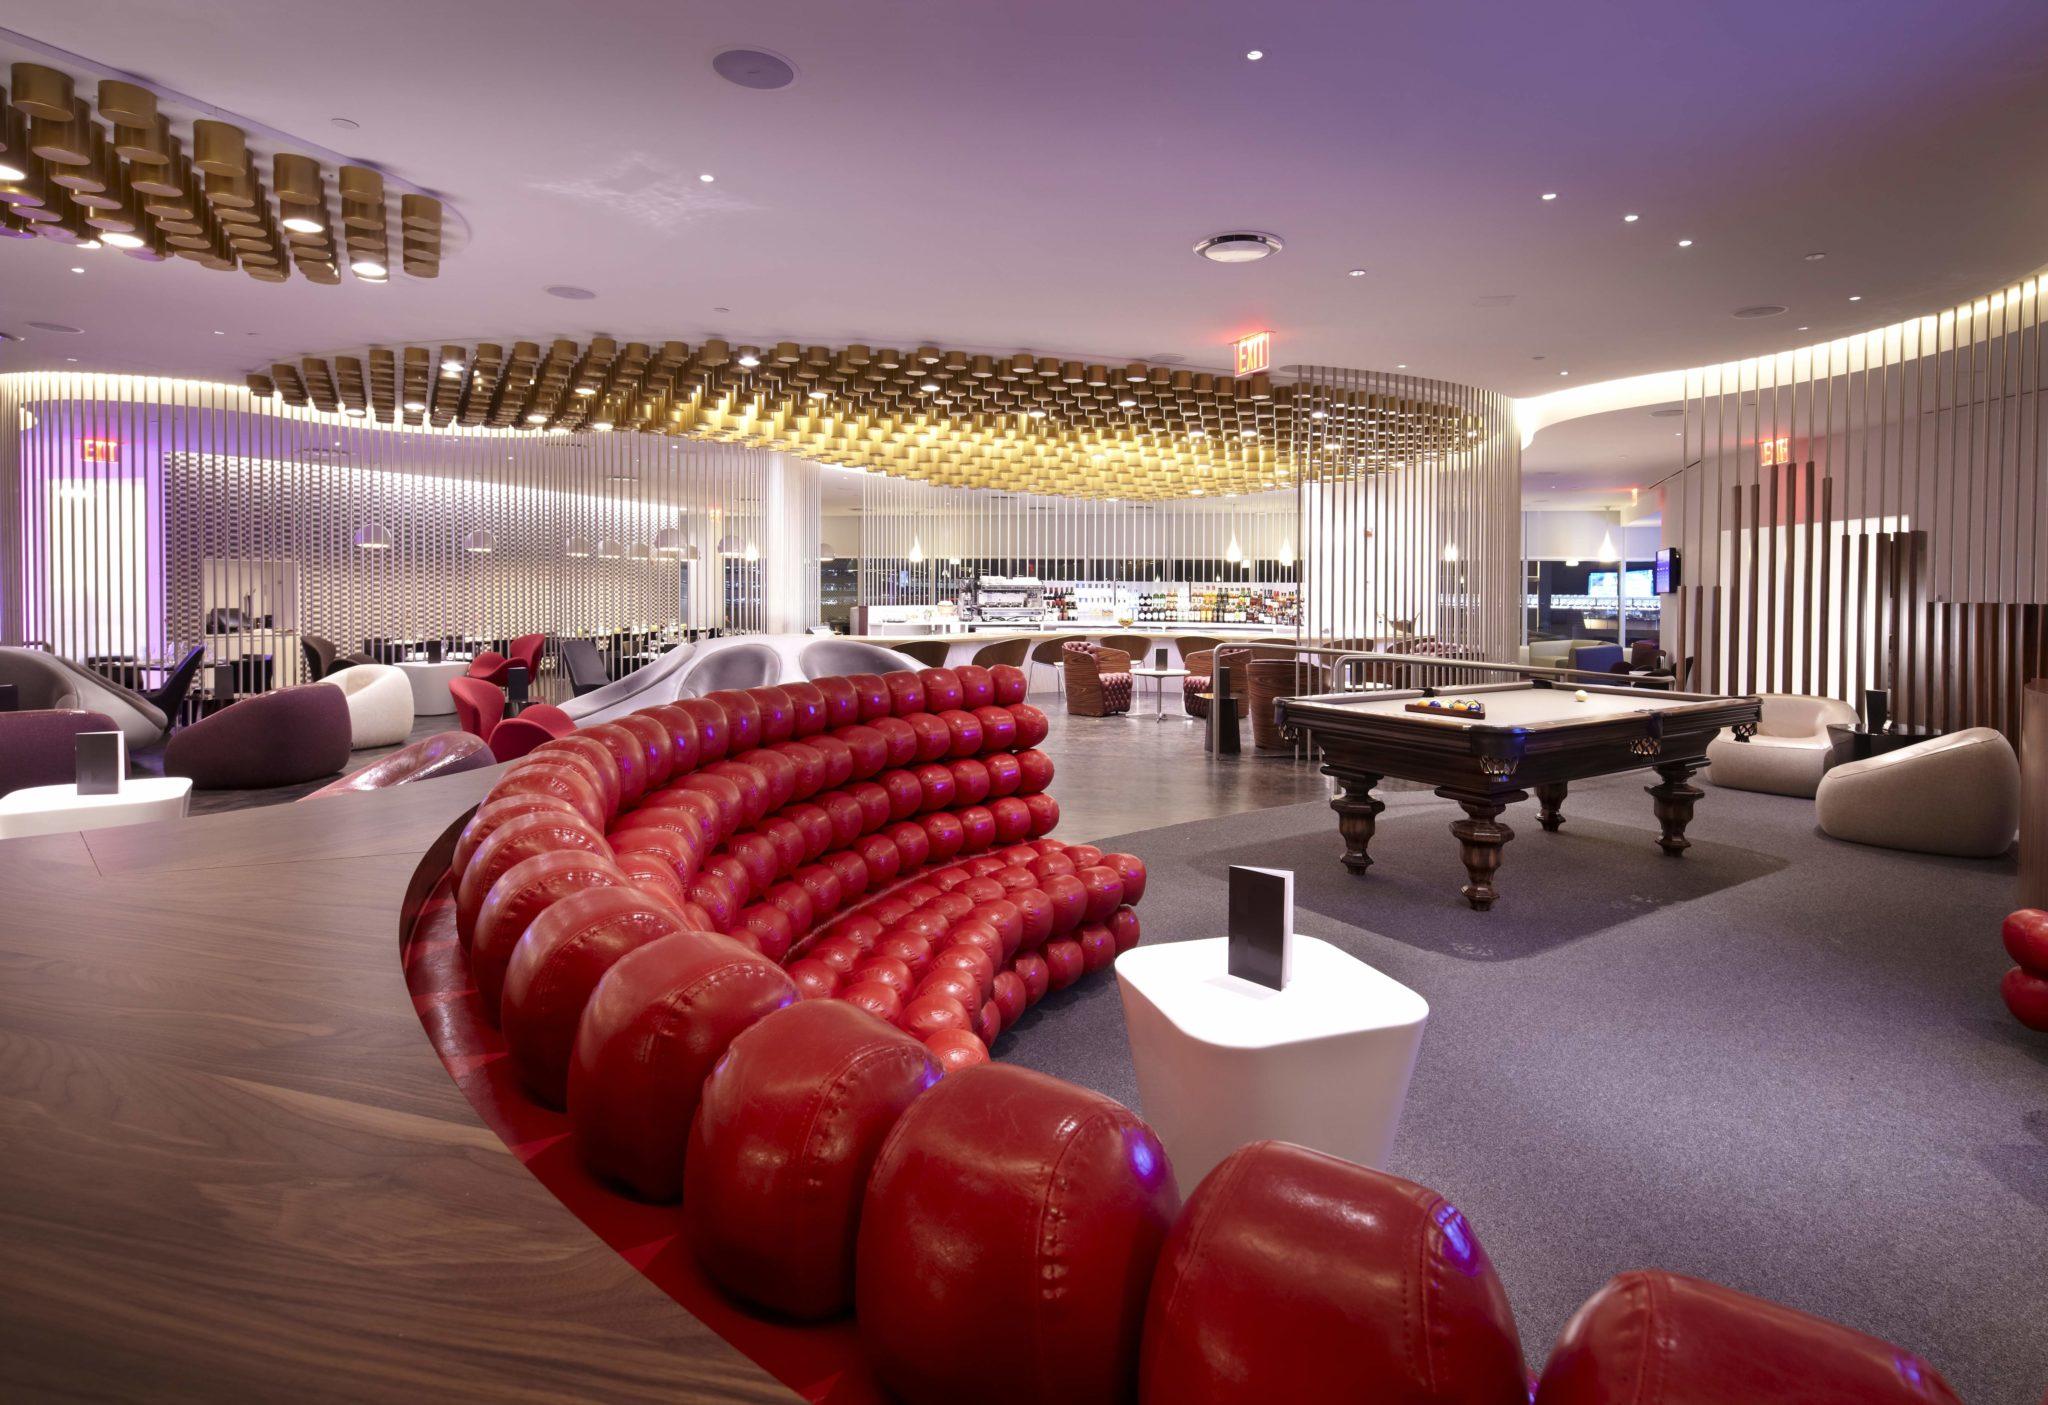 JFK clubhouse billiards. Image: Virgin Atlantic